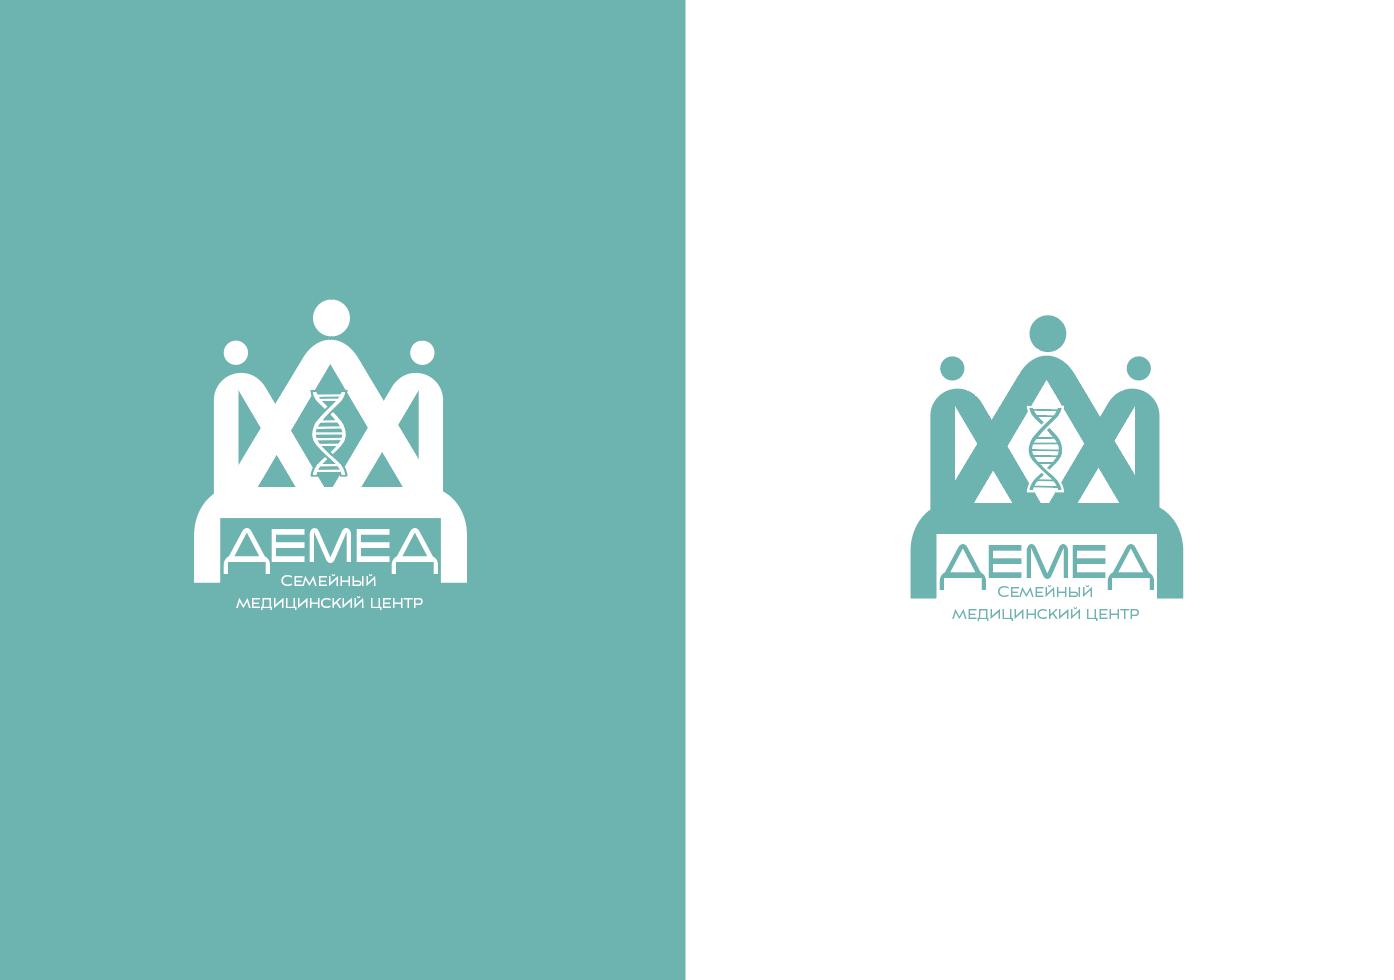 Логотип медицинского центра фото f_6655dc5aa2895aad.png